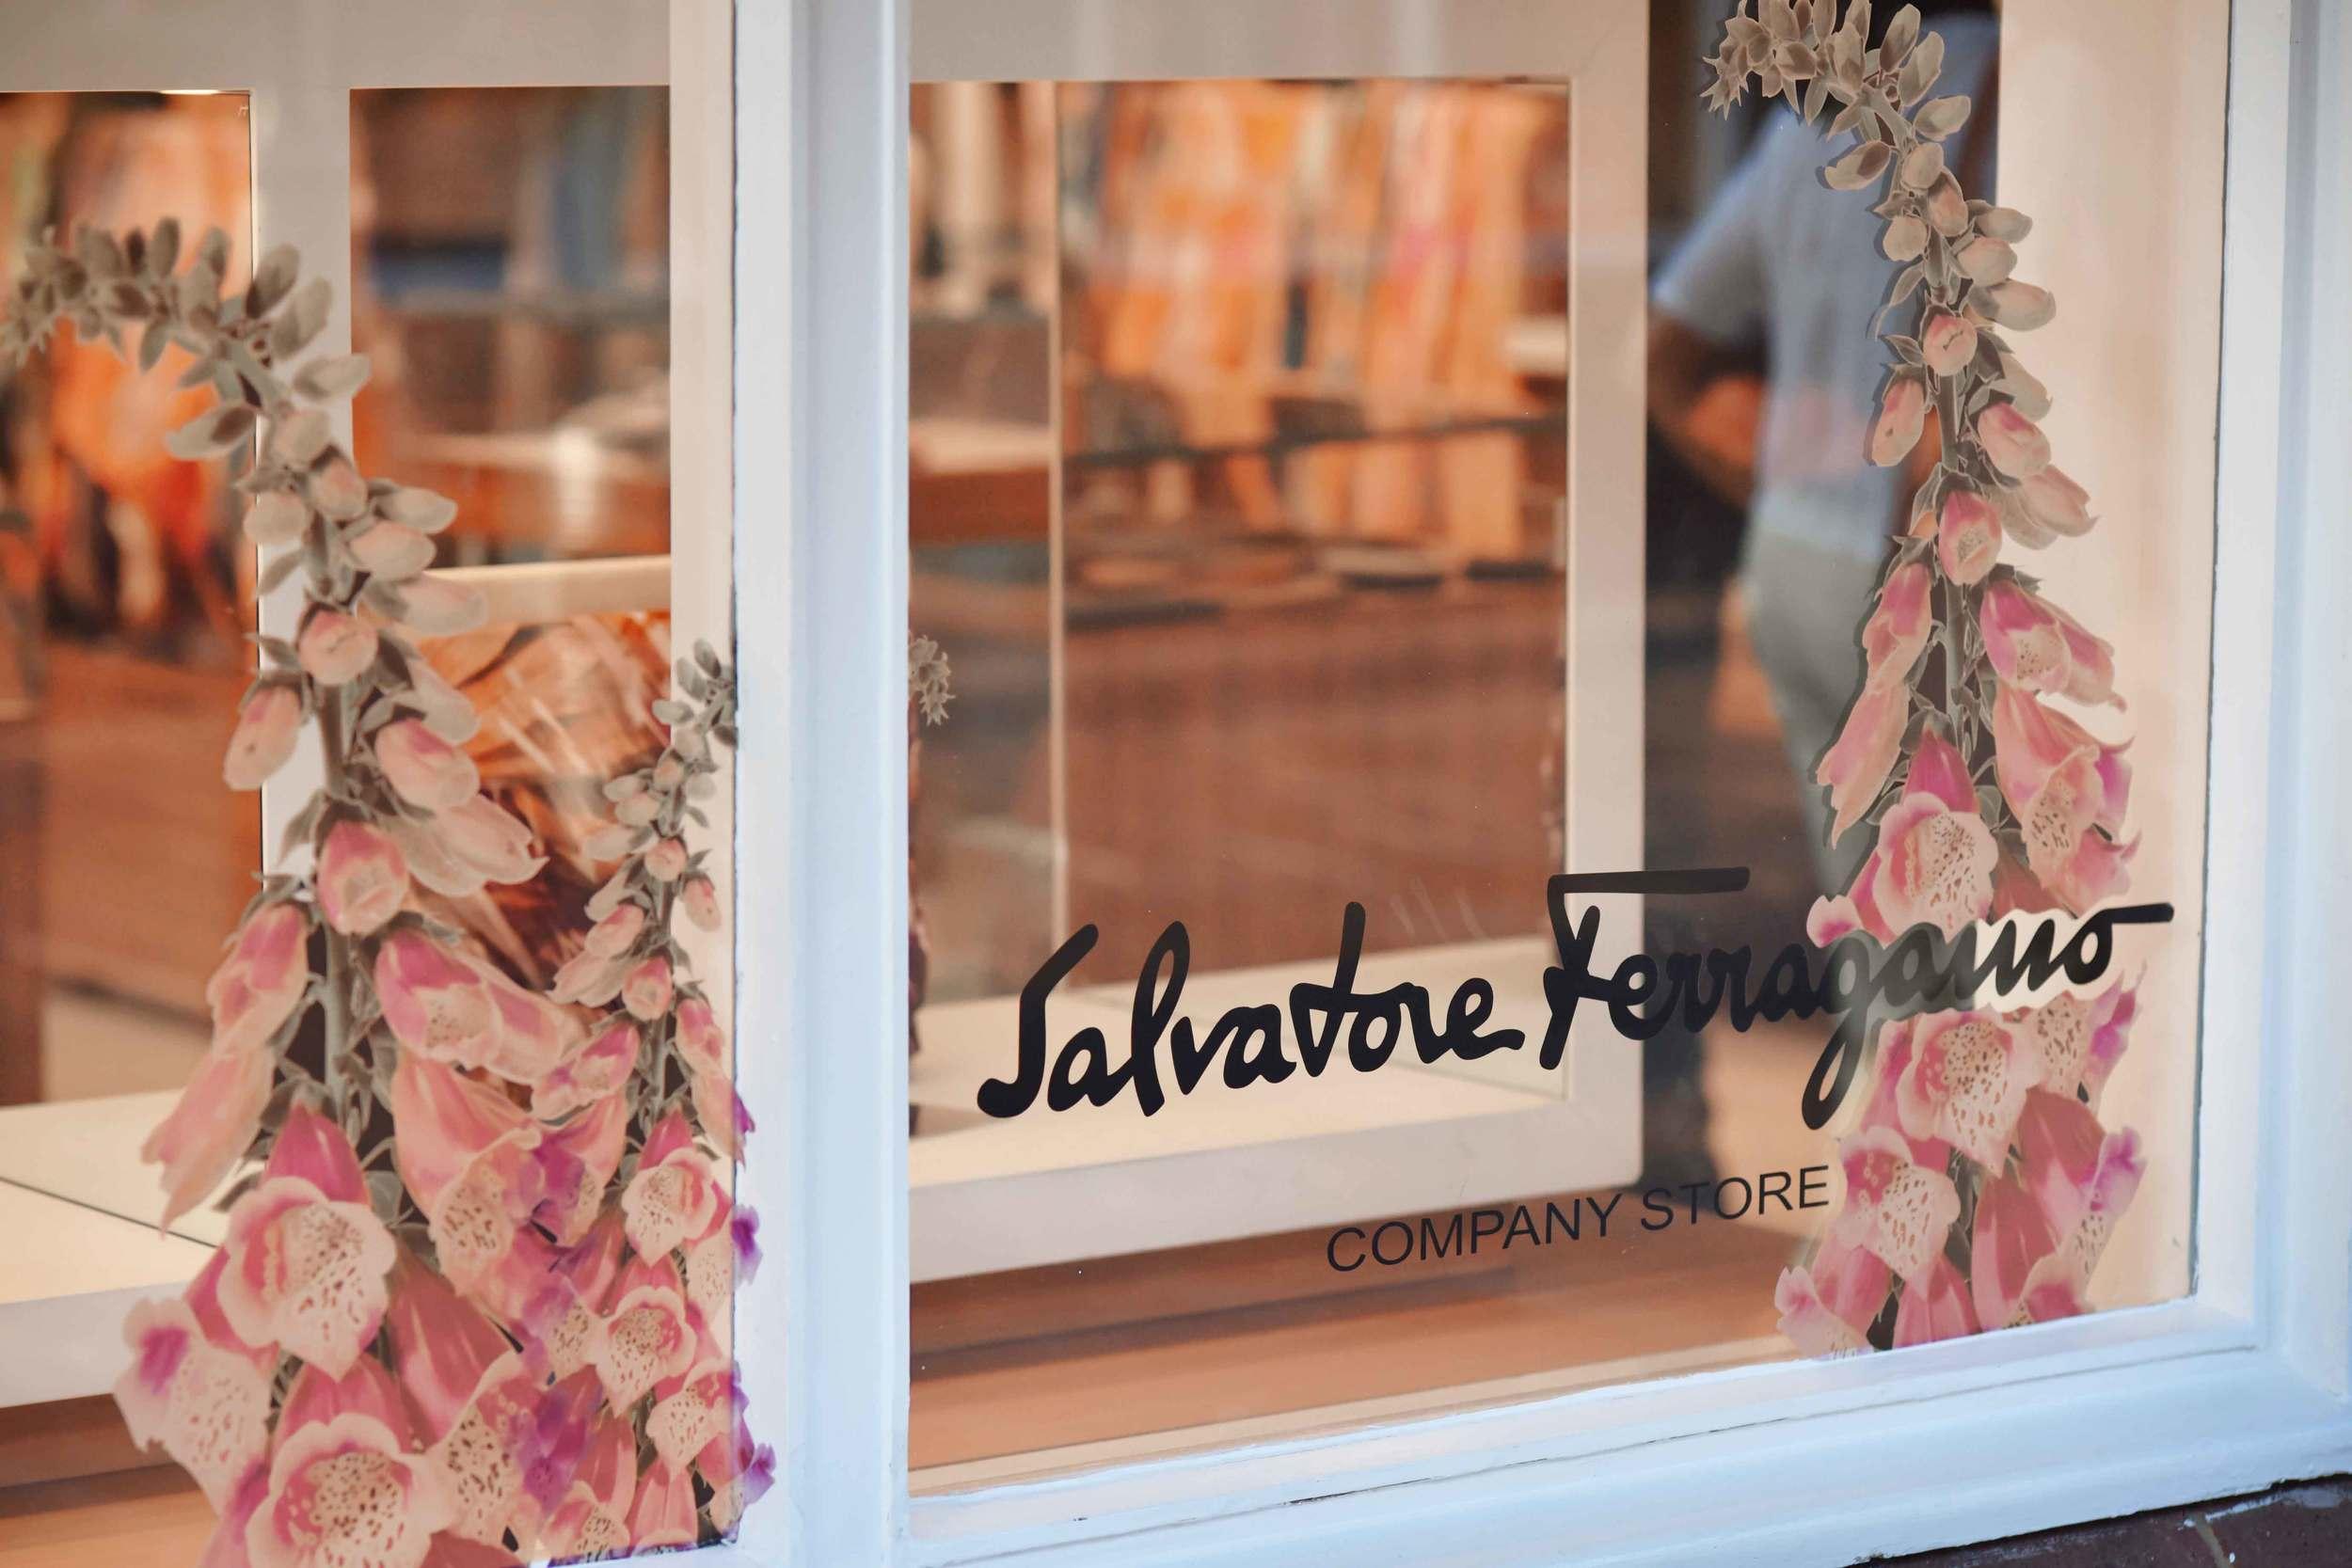 Salvatore Ferragamo, Bicester village, designer shopping outlet near London, UK. Image©sourcingstyle.com